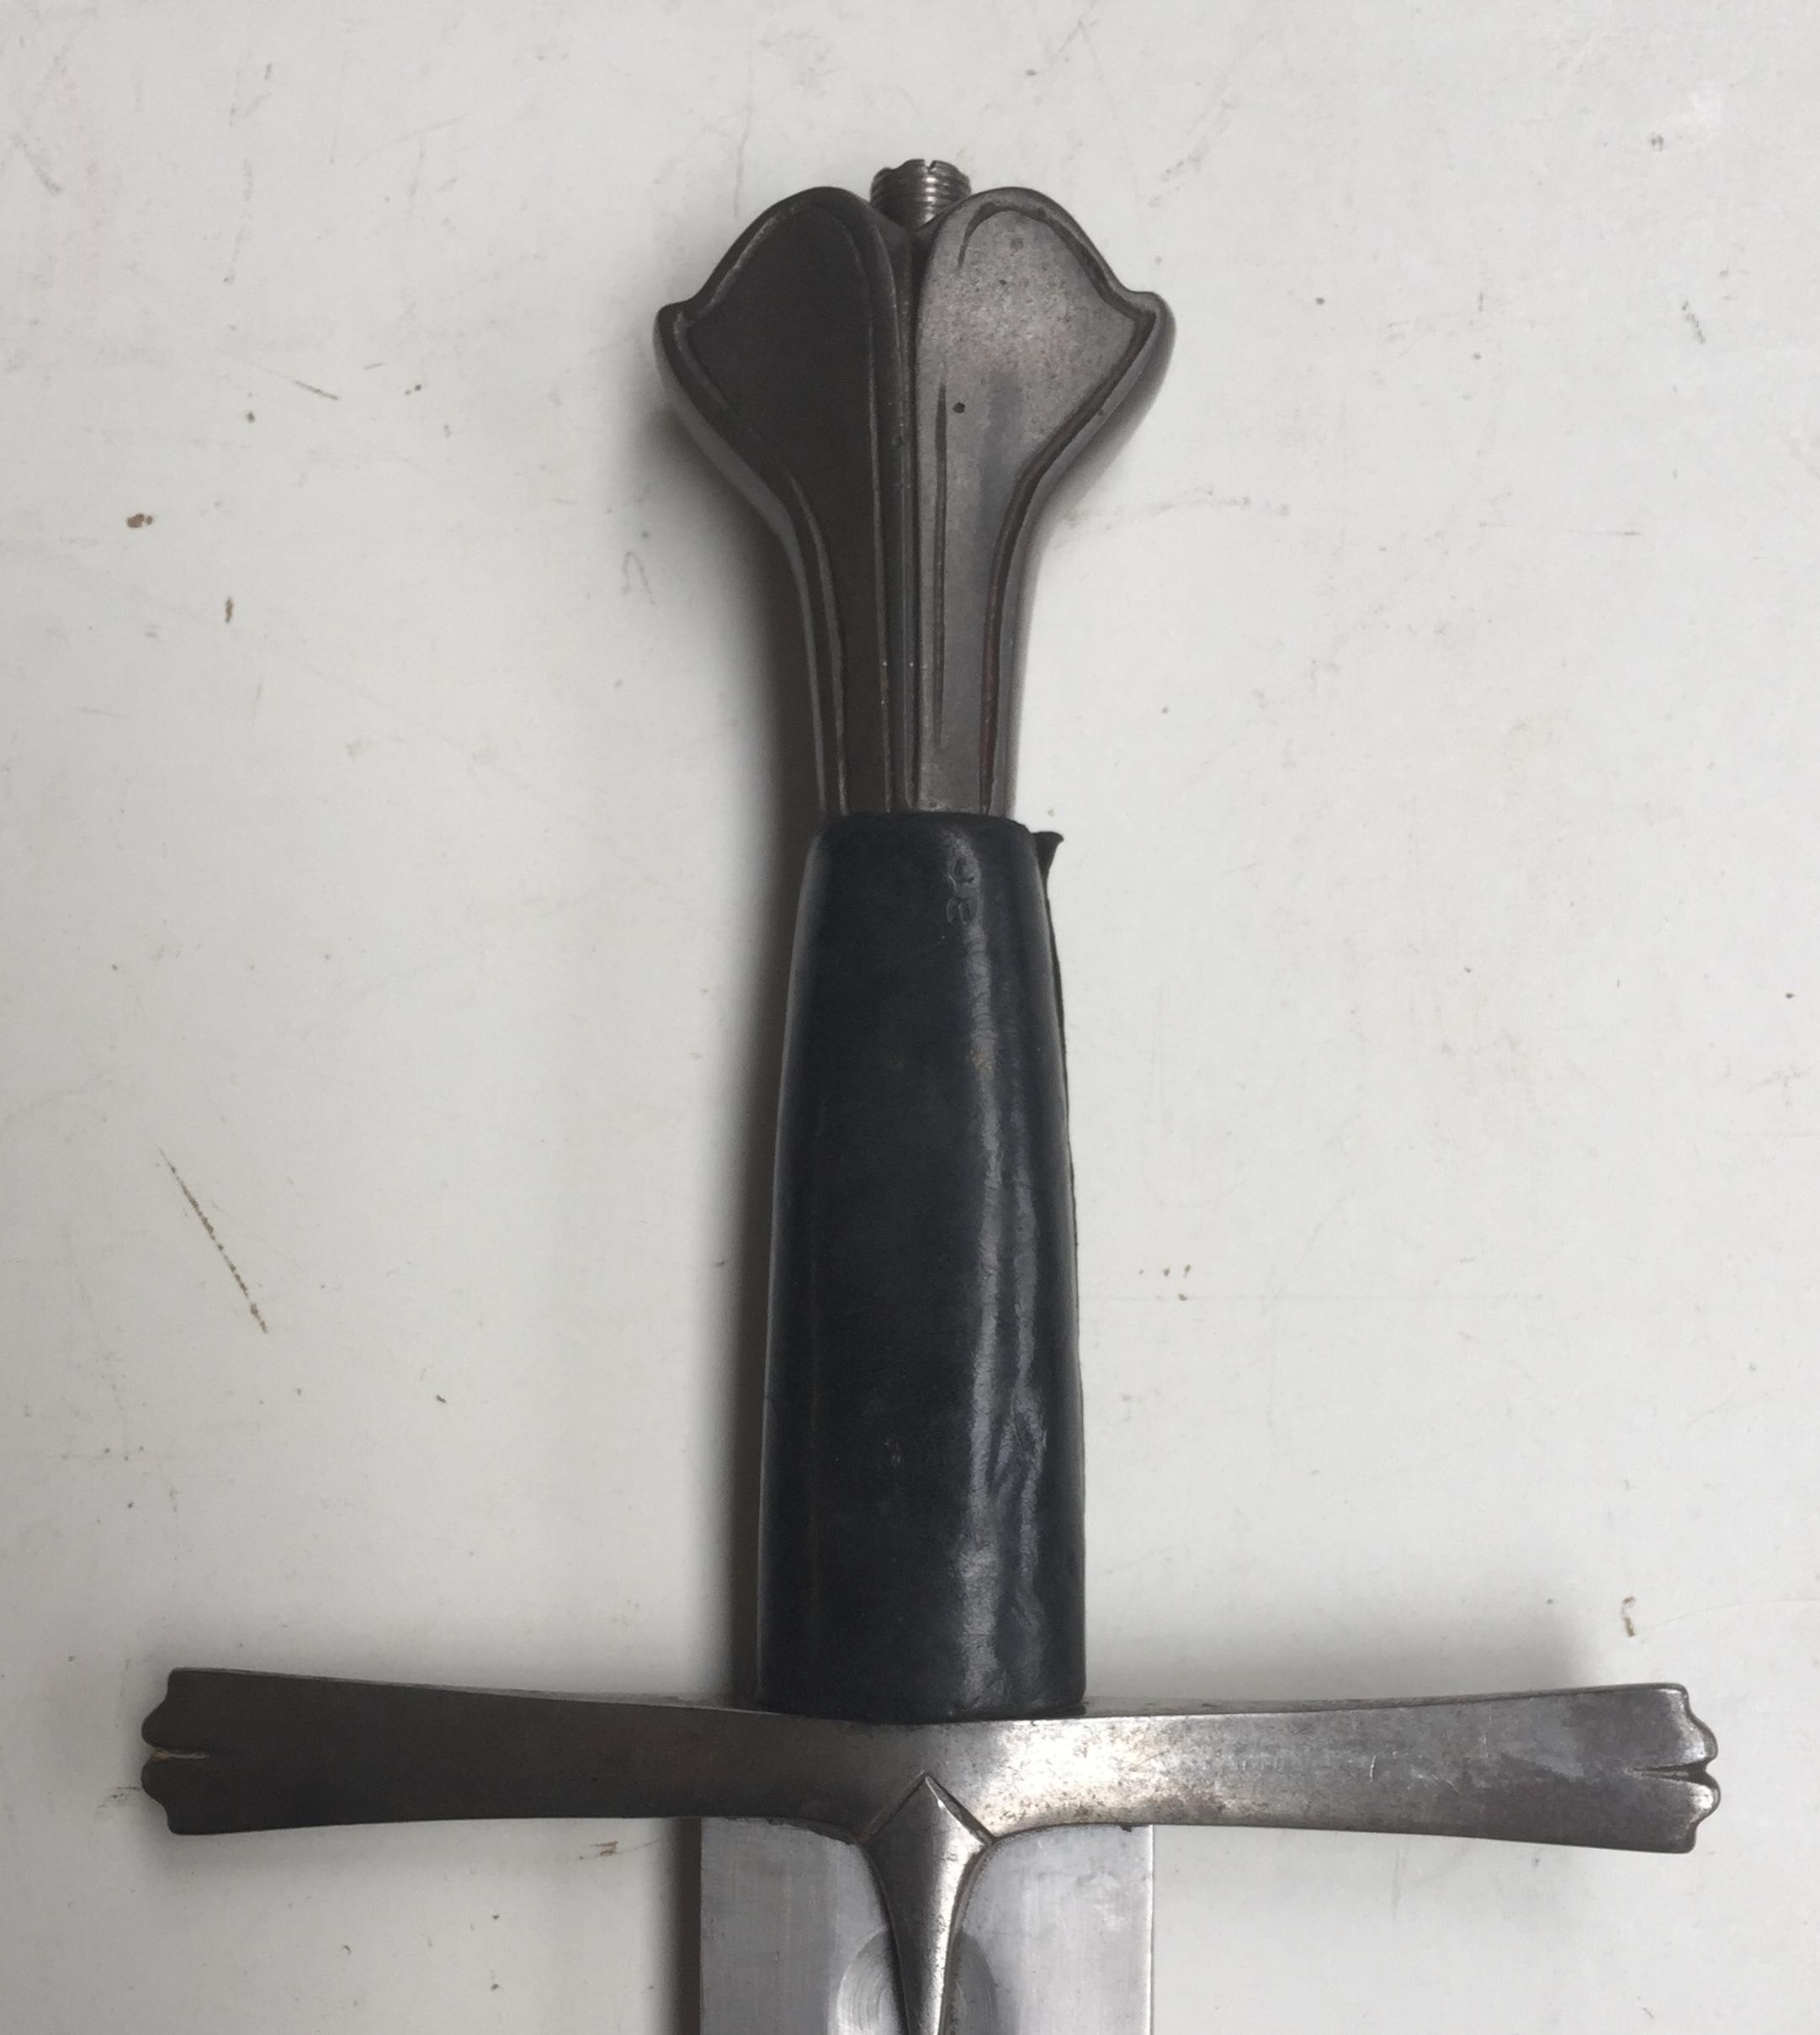 Fluted steel pommel